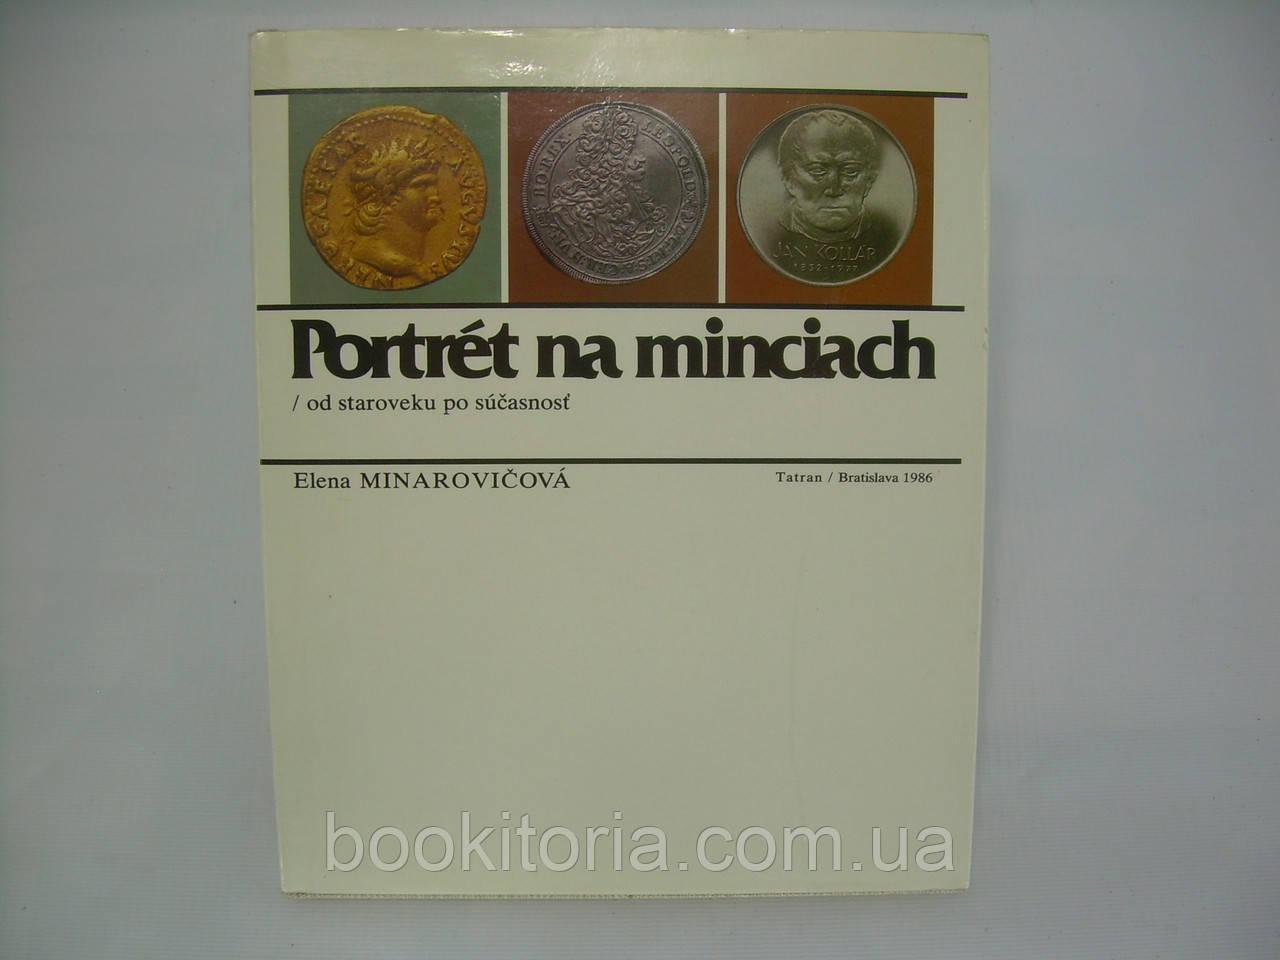 Portrét na minciach – od stredoveku po súčasnosť. Minarovičová Elena Tatran (б/у).